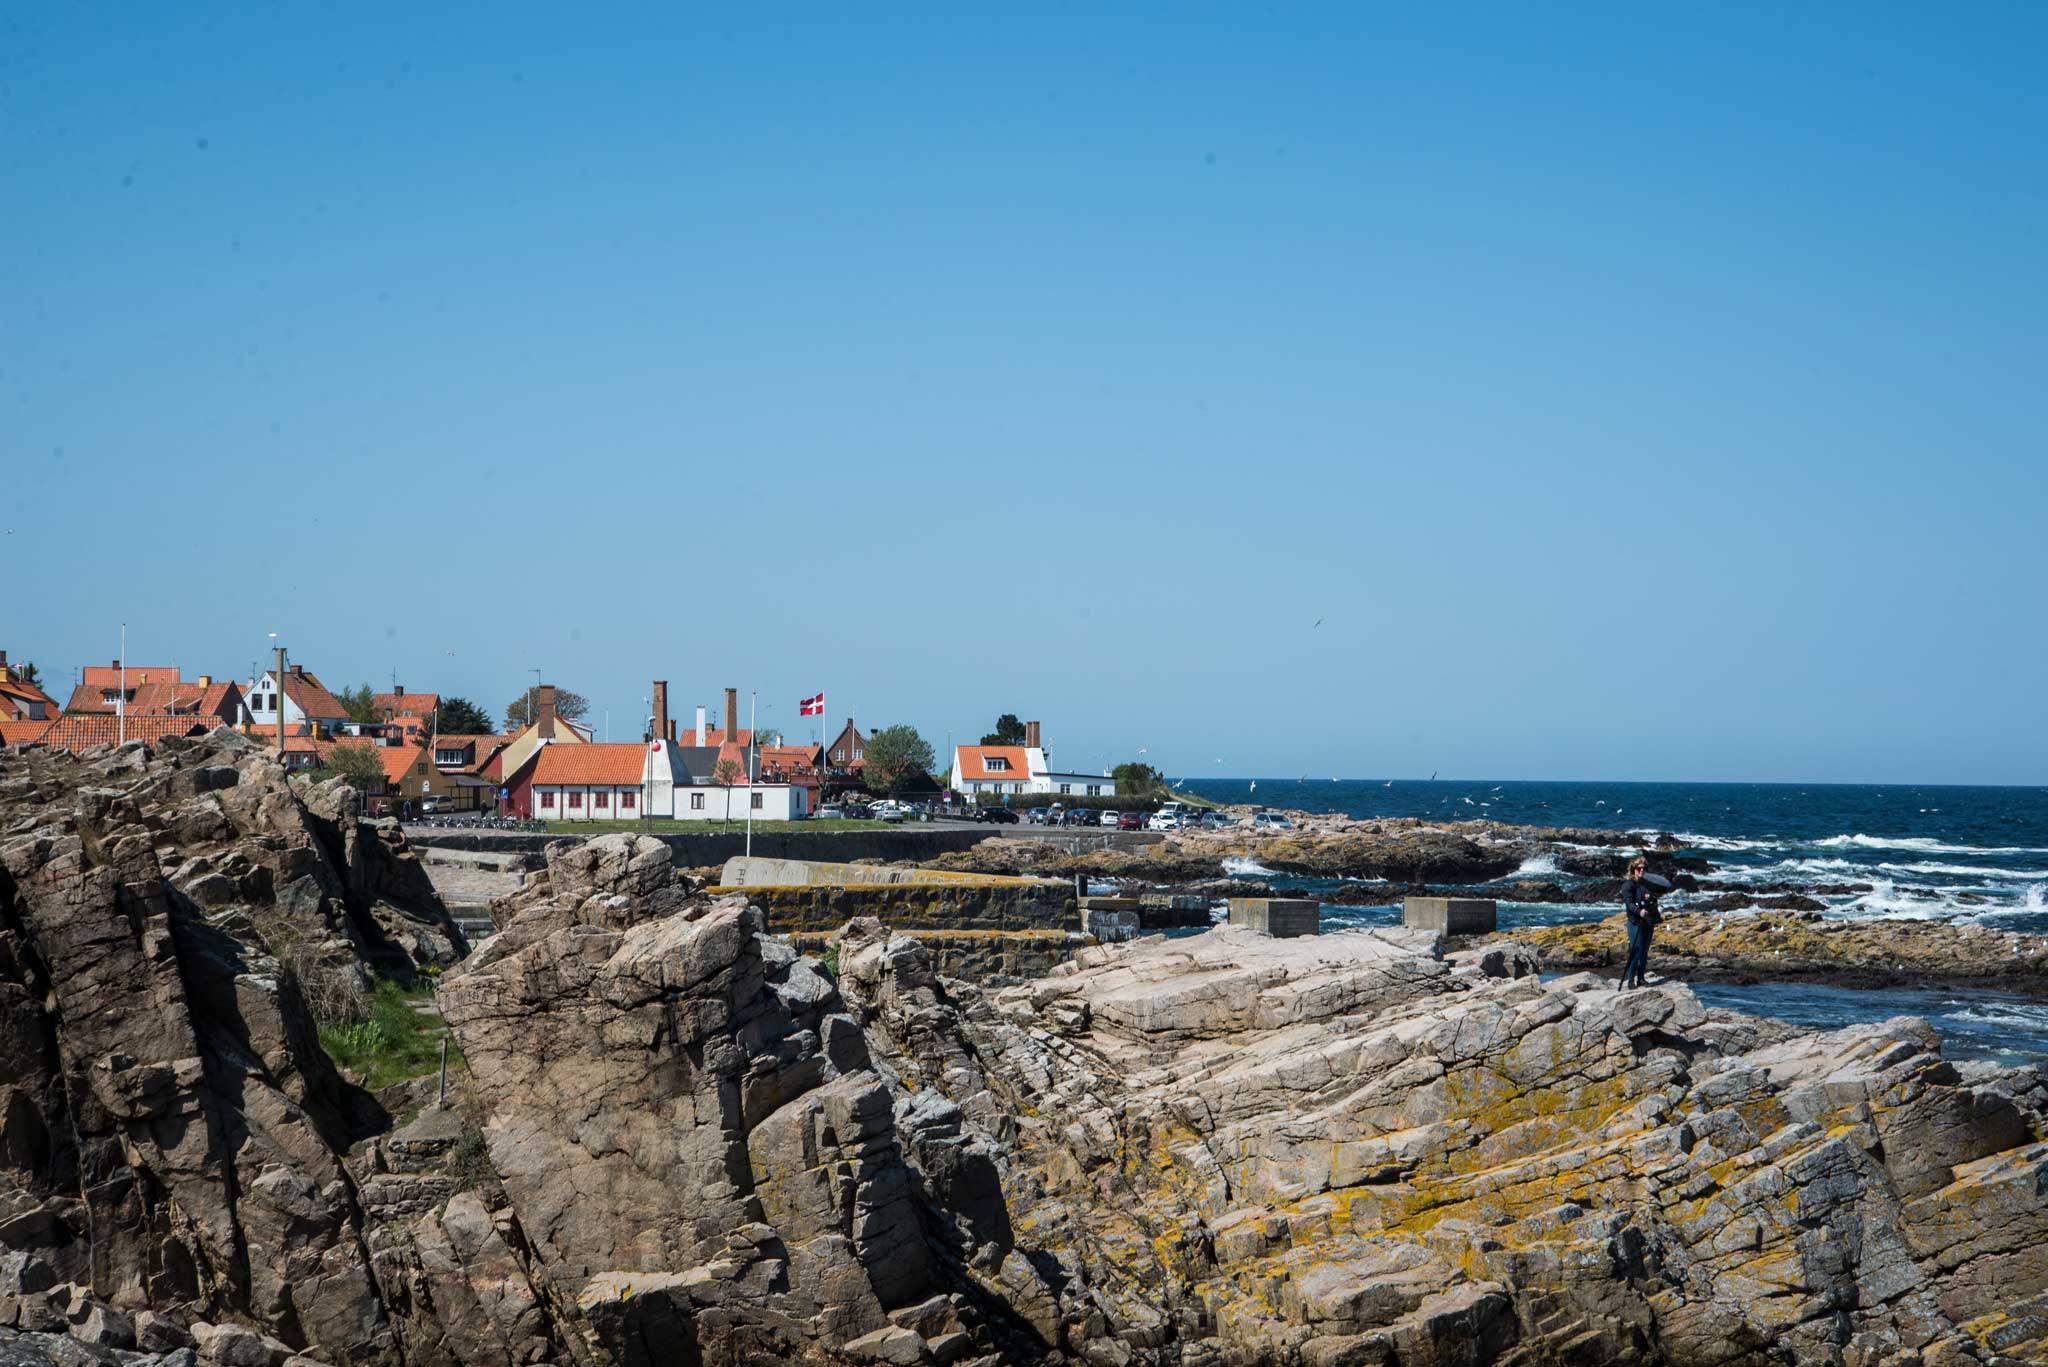 Det er mange klipper og svaberg langs kysten, men lett å gå på merkede stier.